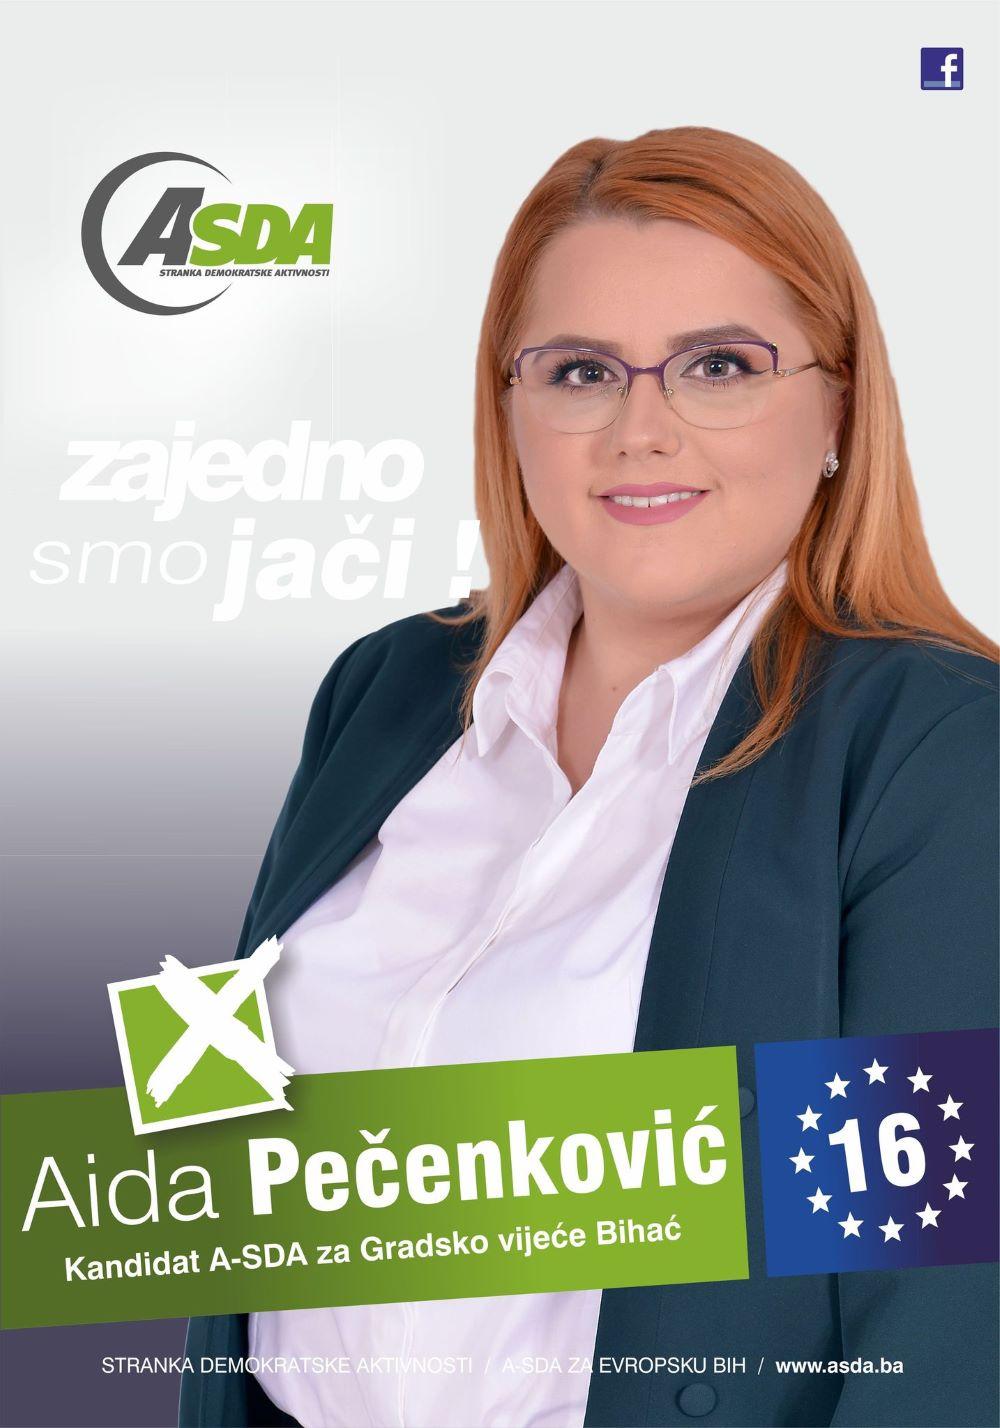 Aida Pečenković